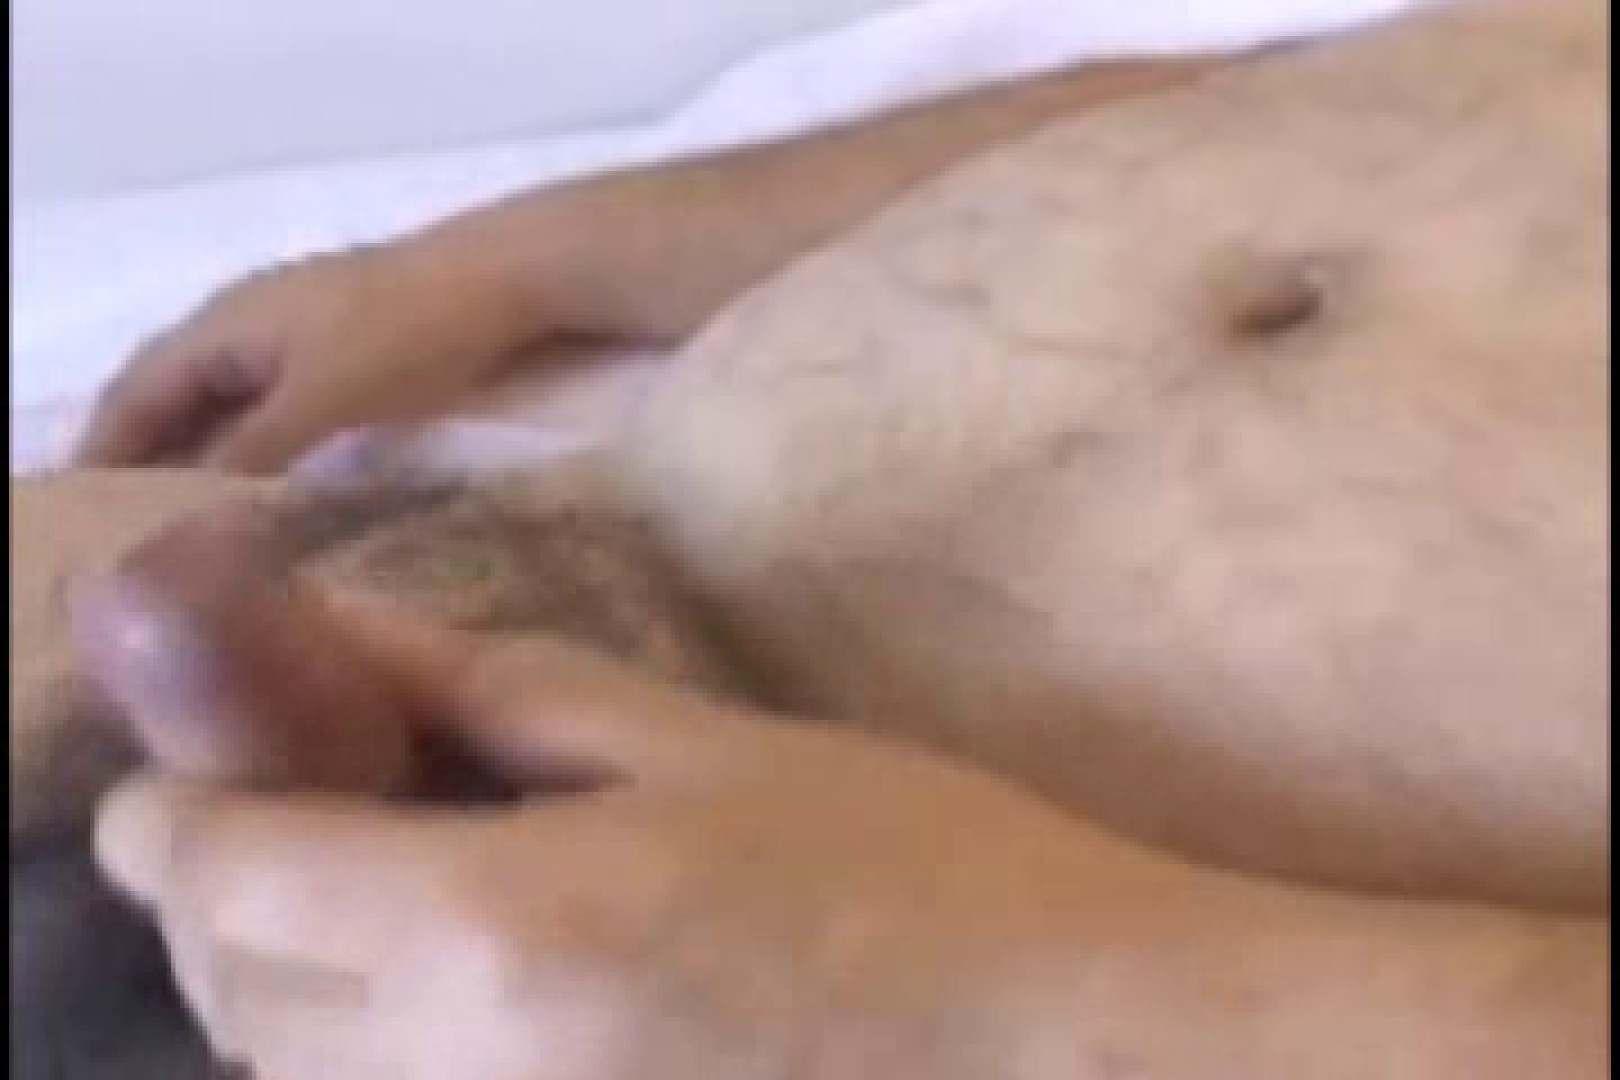 中年旦那の発情記 オナニー アダルトビデオ画像キャプチャ 65pic 5